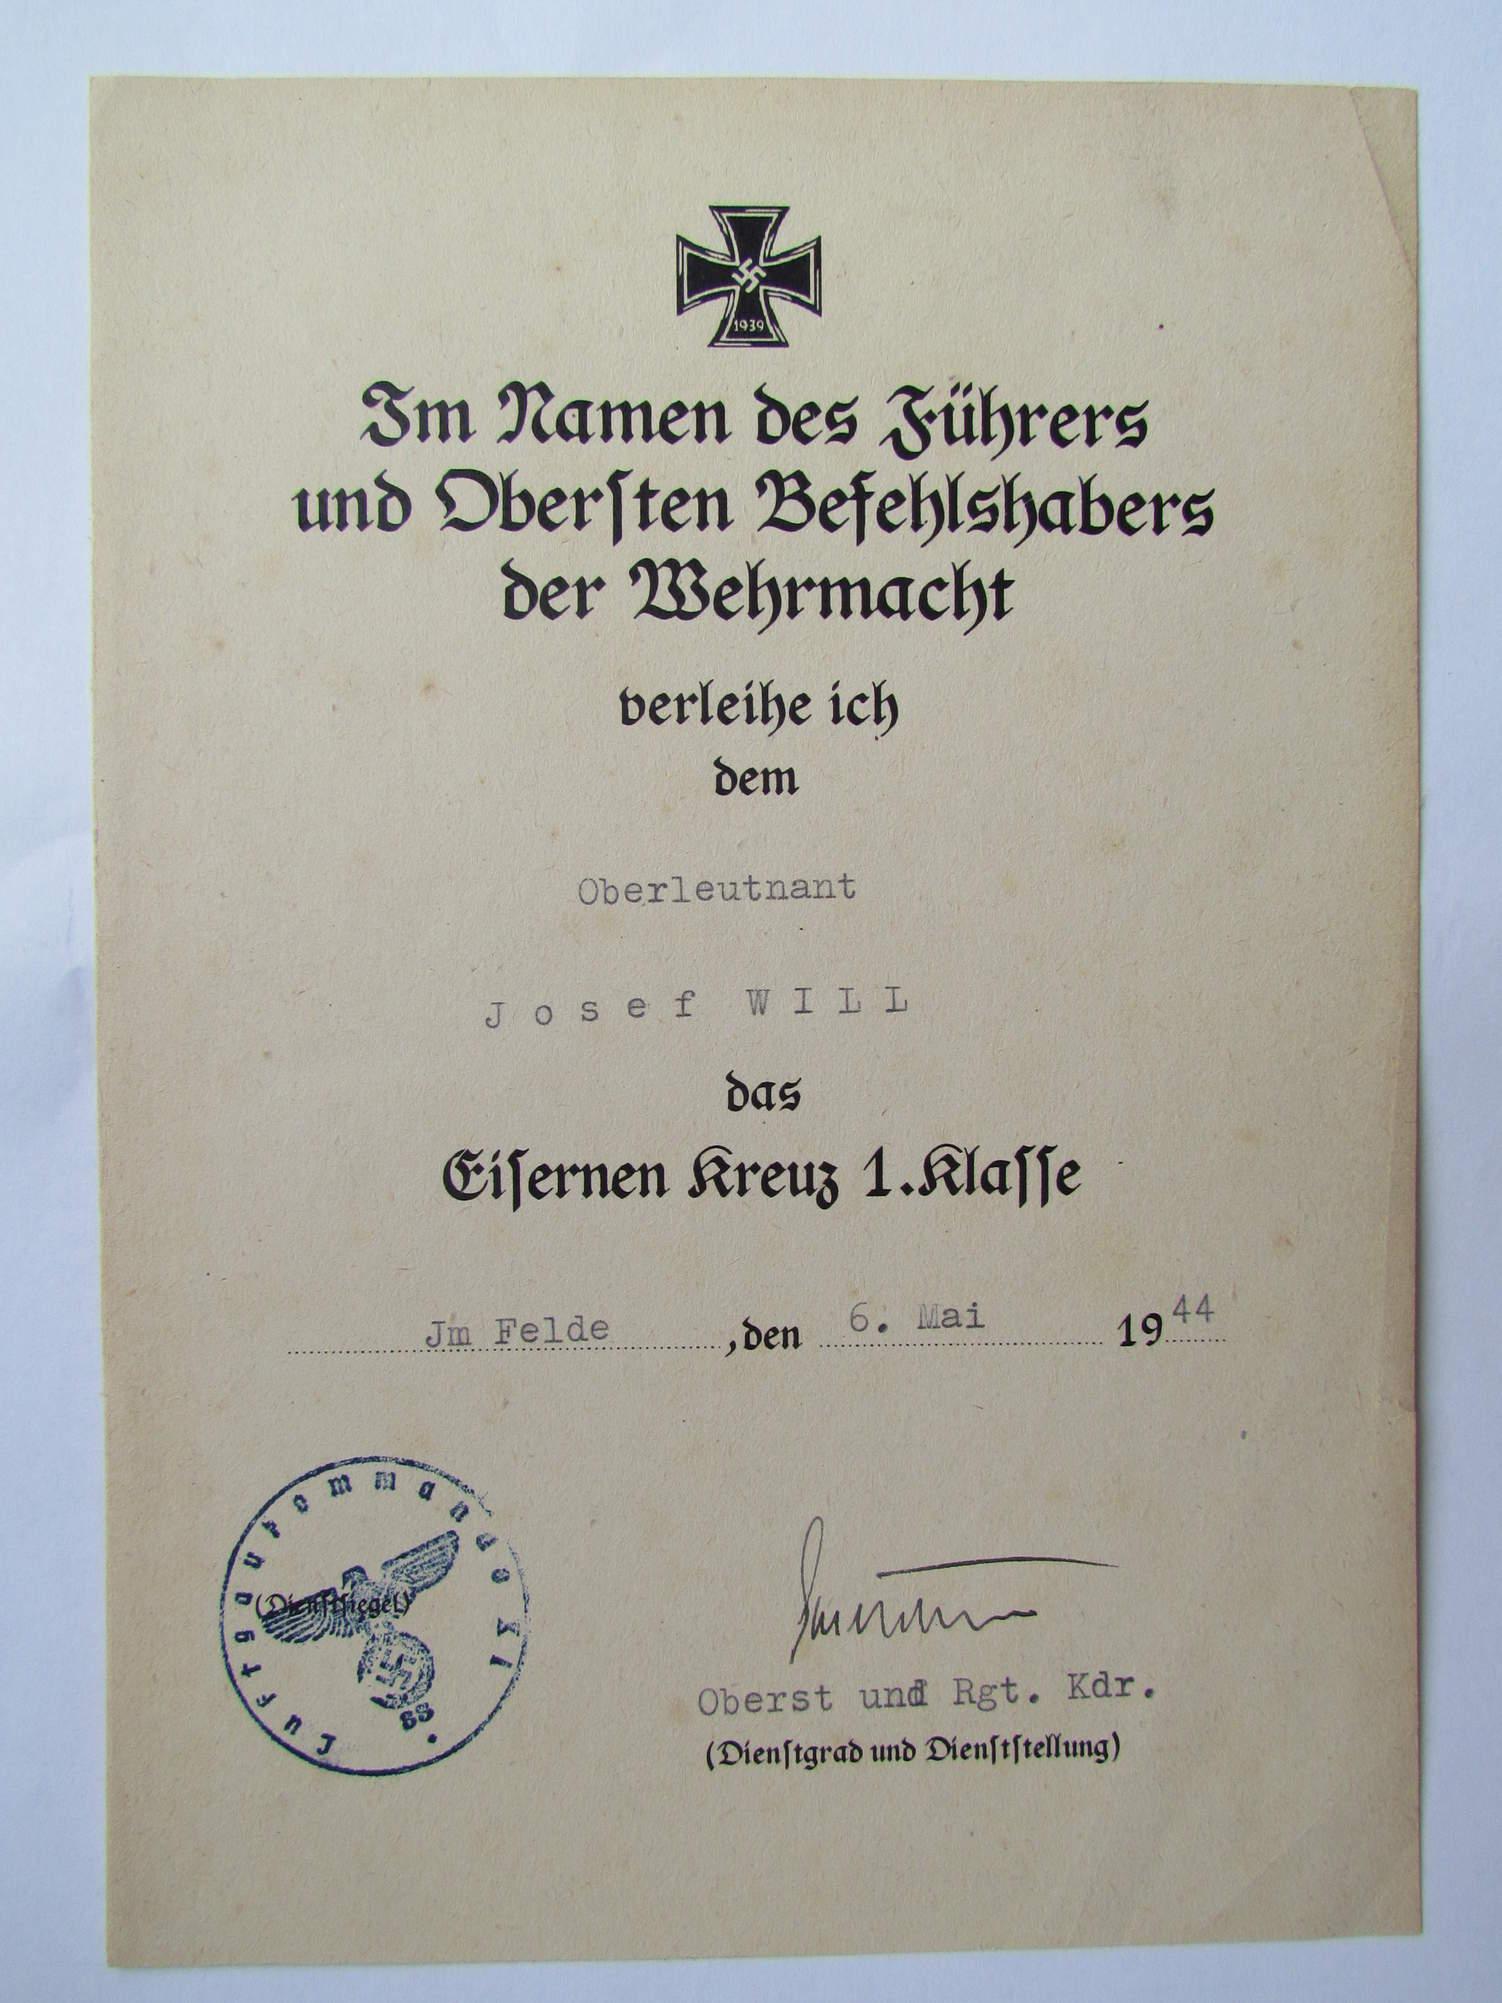 Question Iron Cross First Class Award Certificate